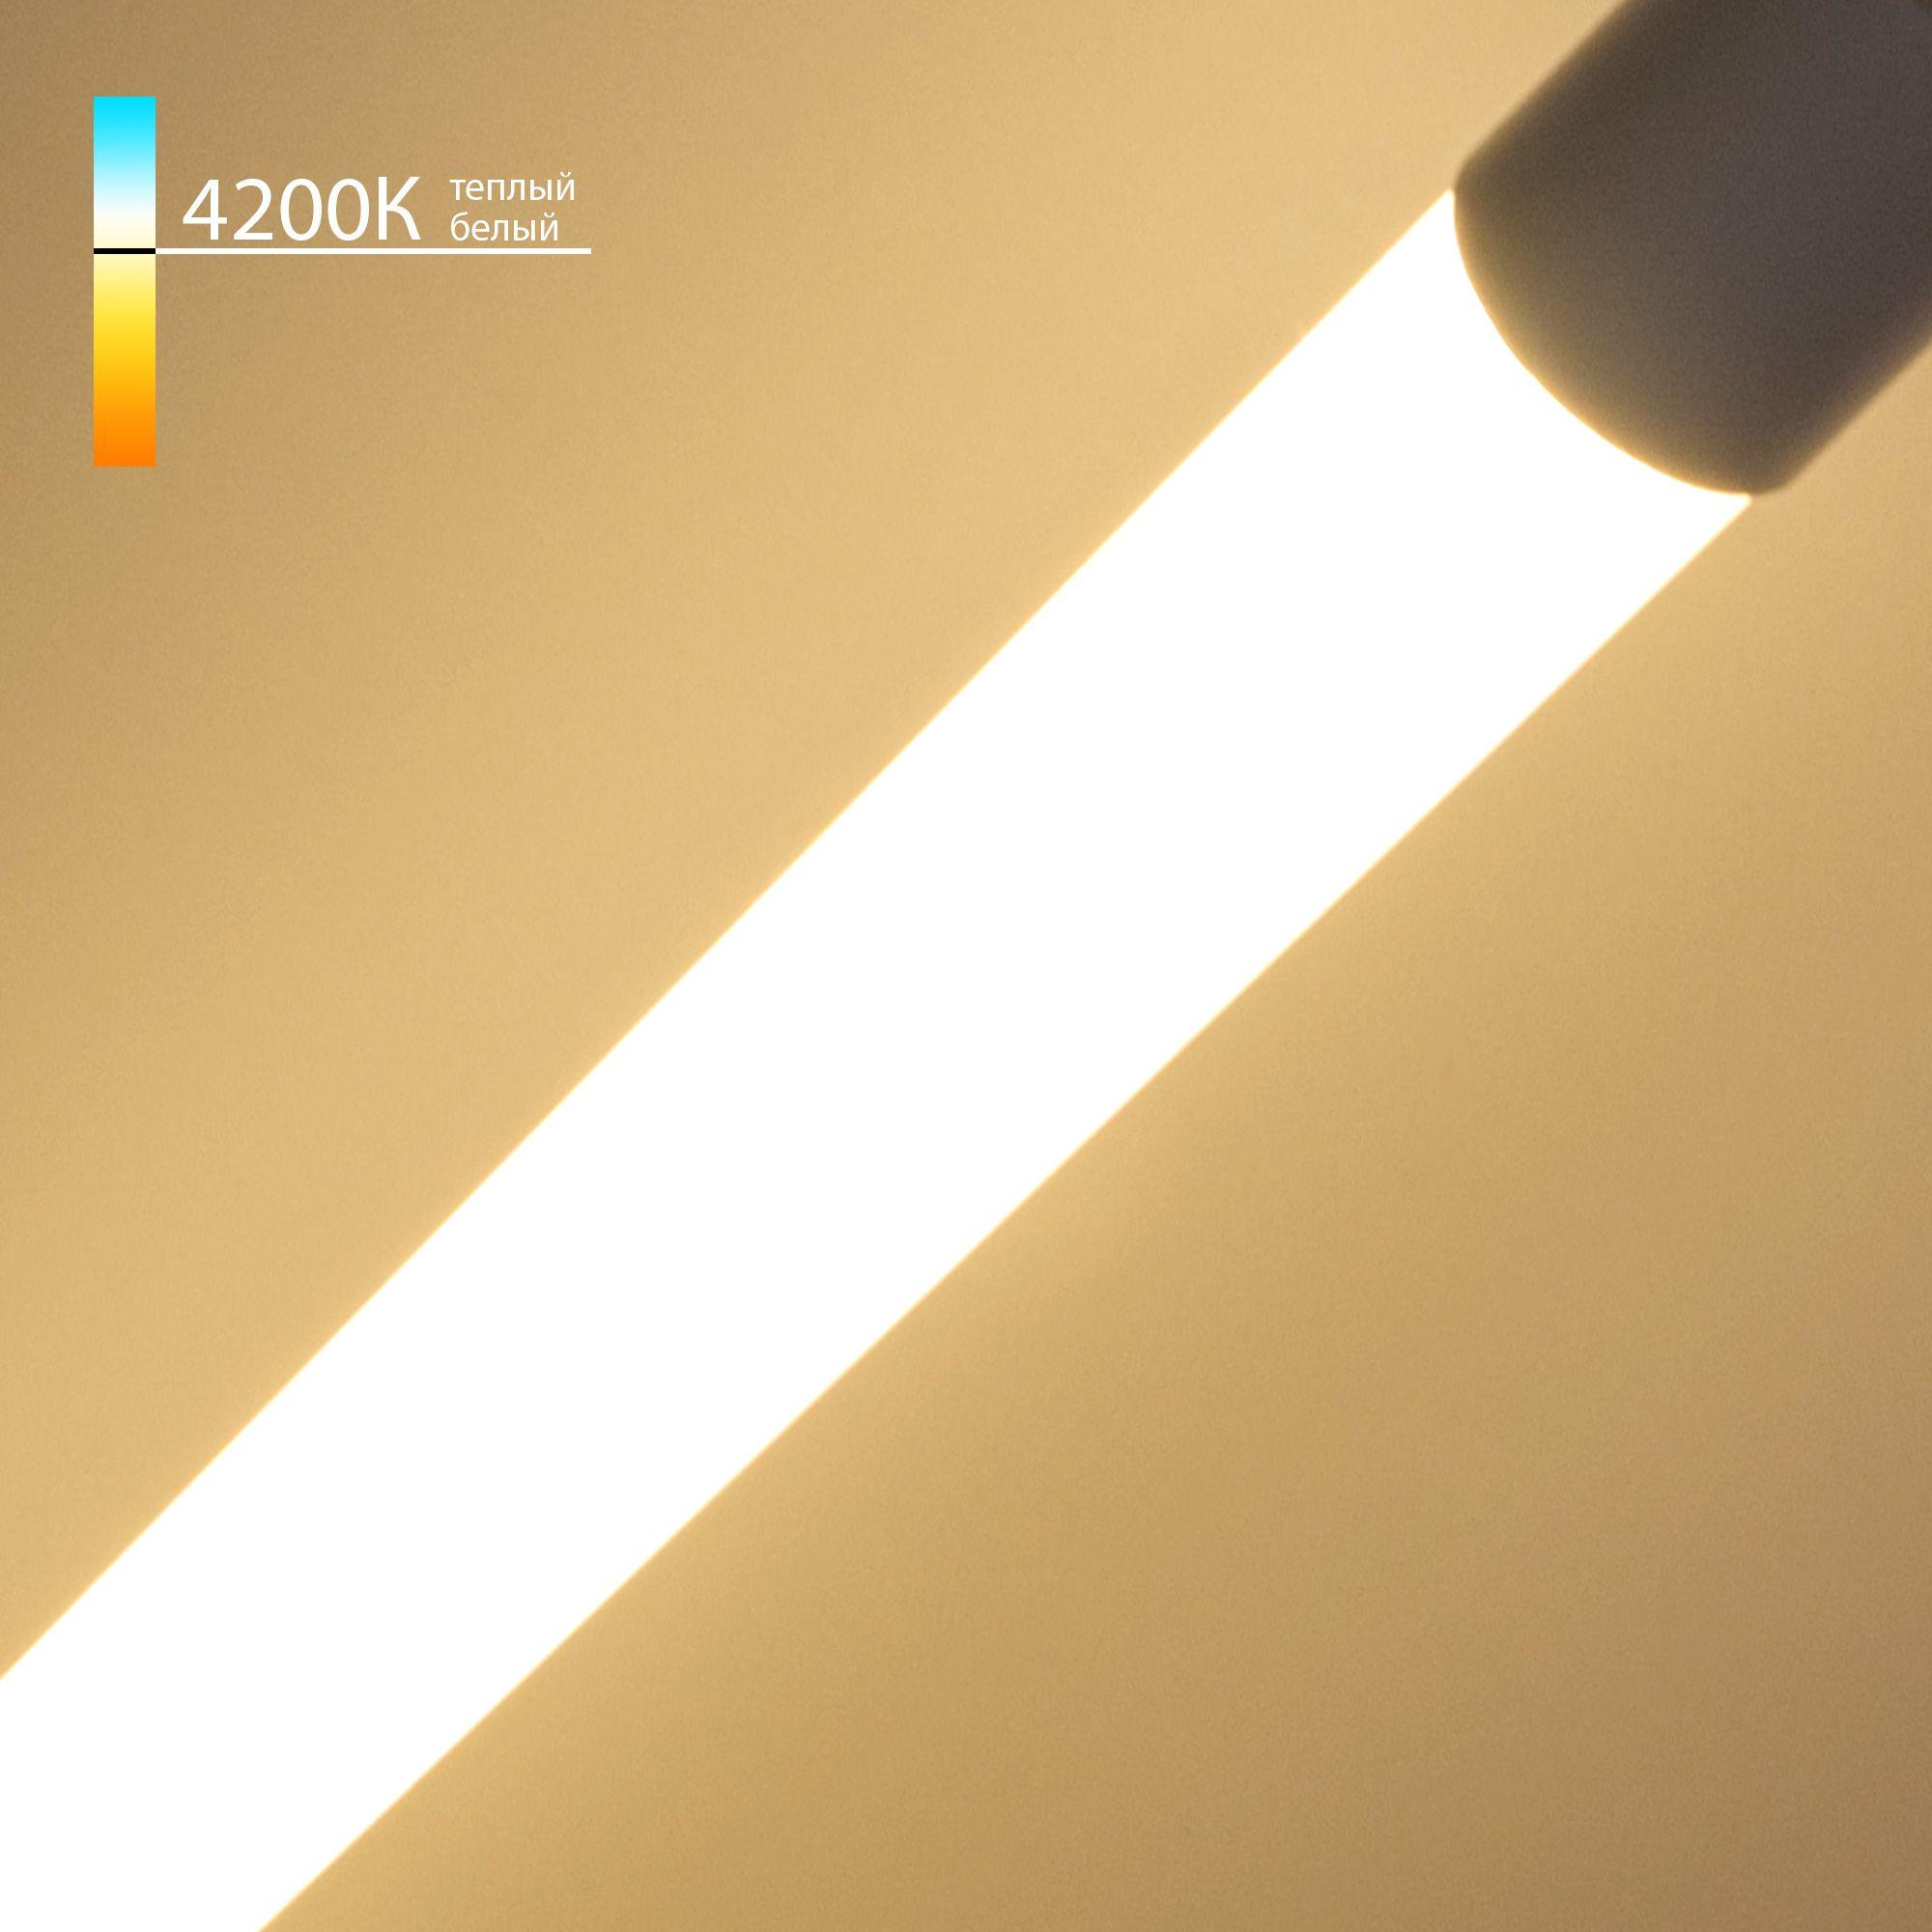 Светодиодная лампа T8 18W 4200K G13 LTG-T8-18W 4200K